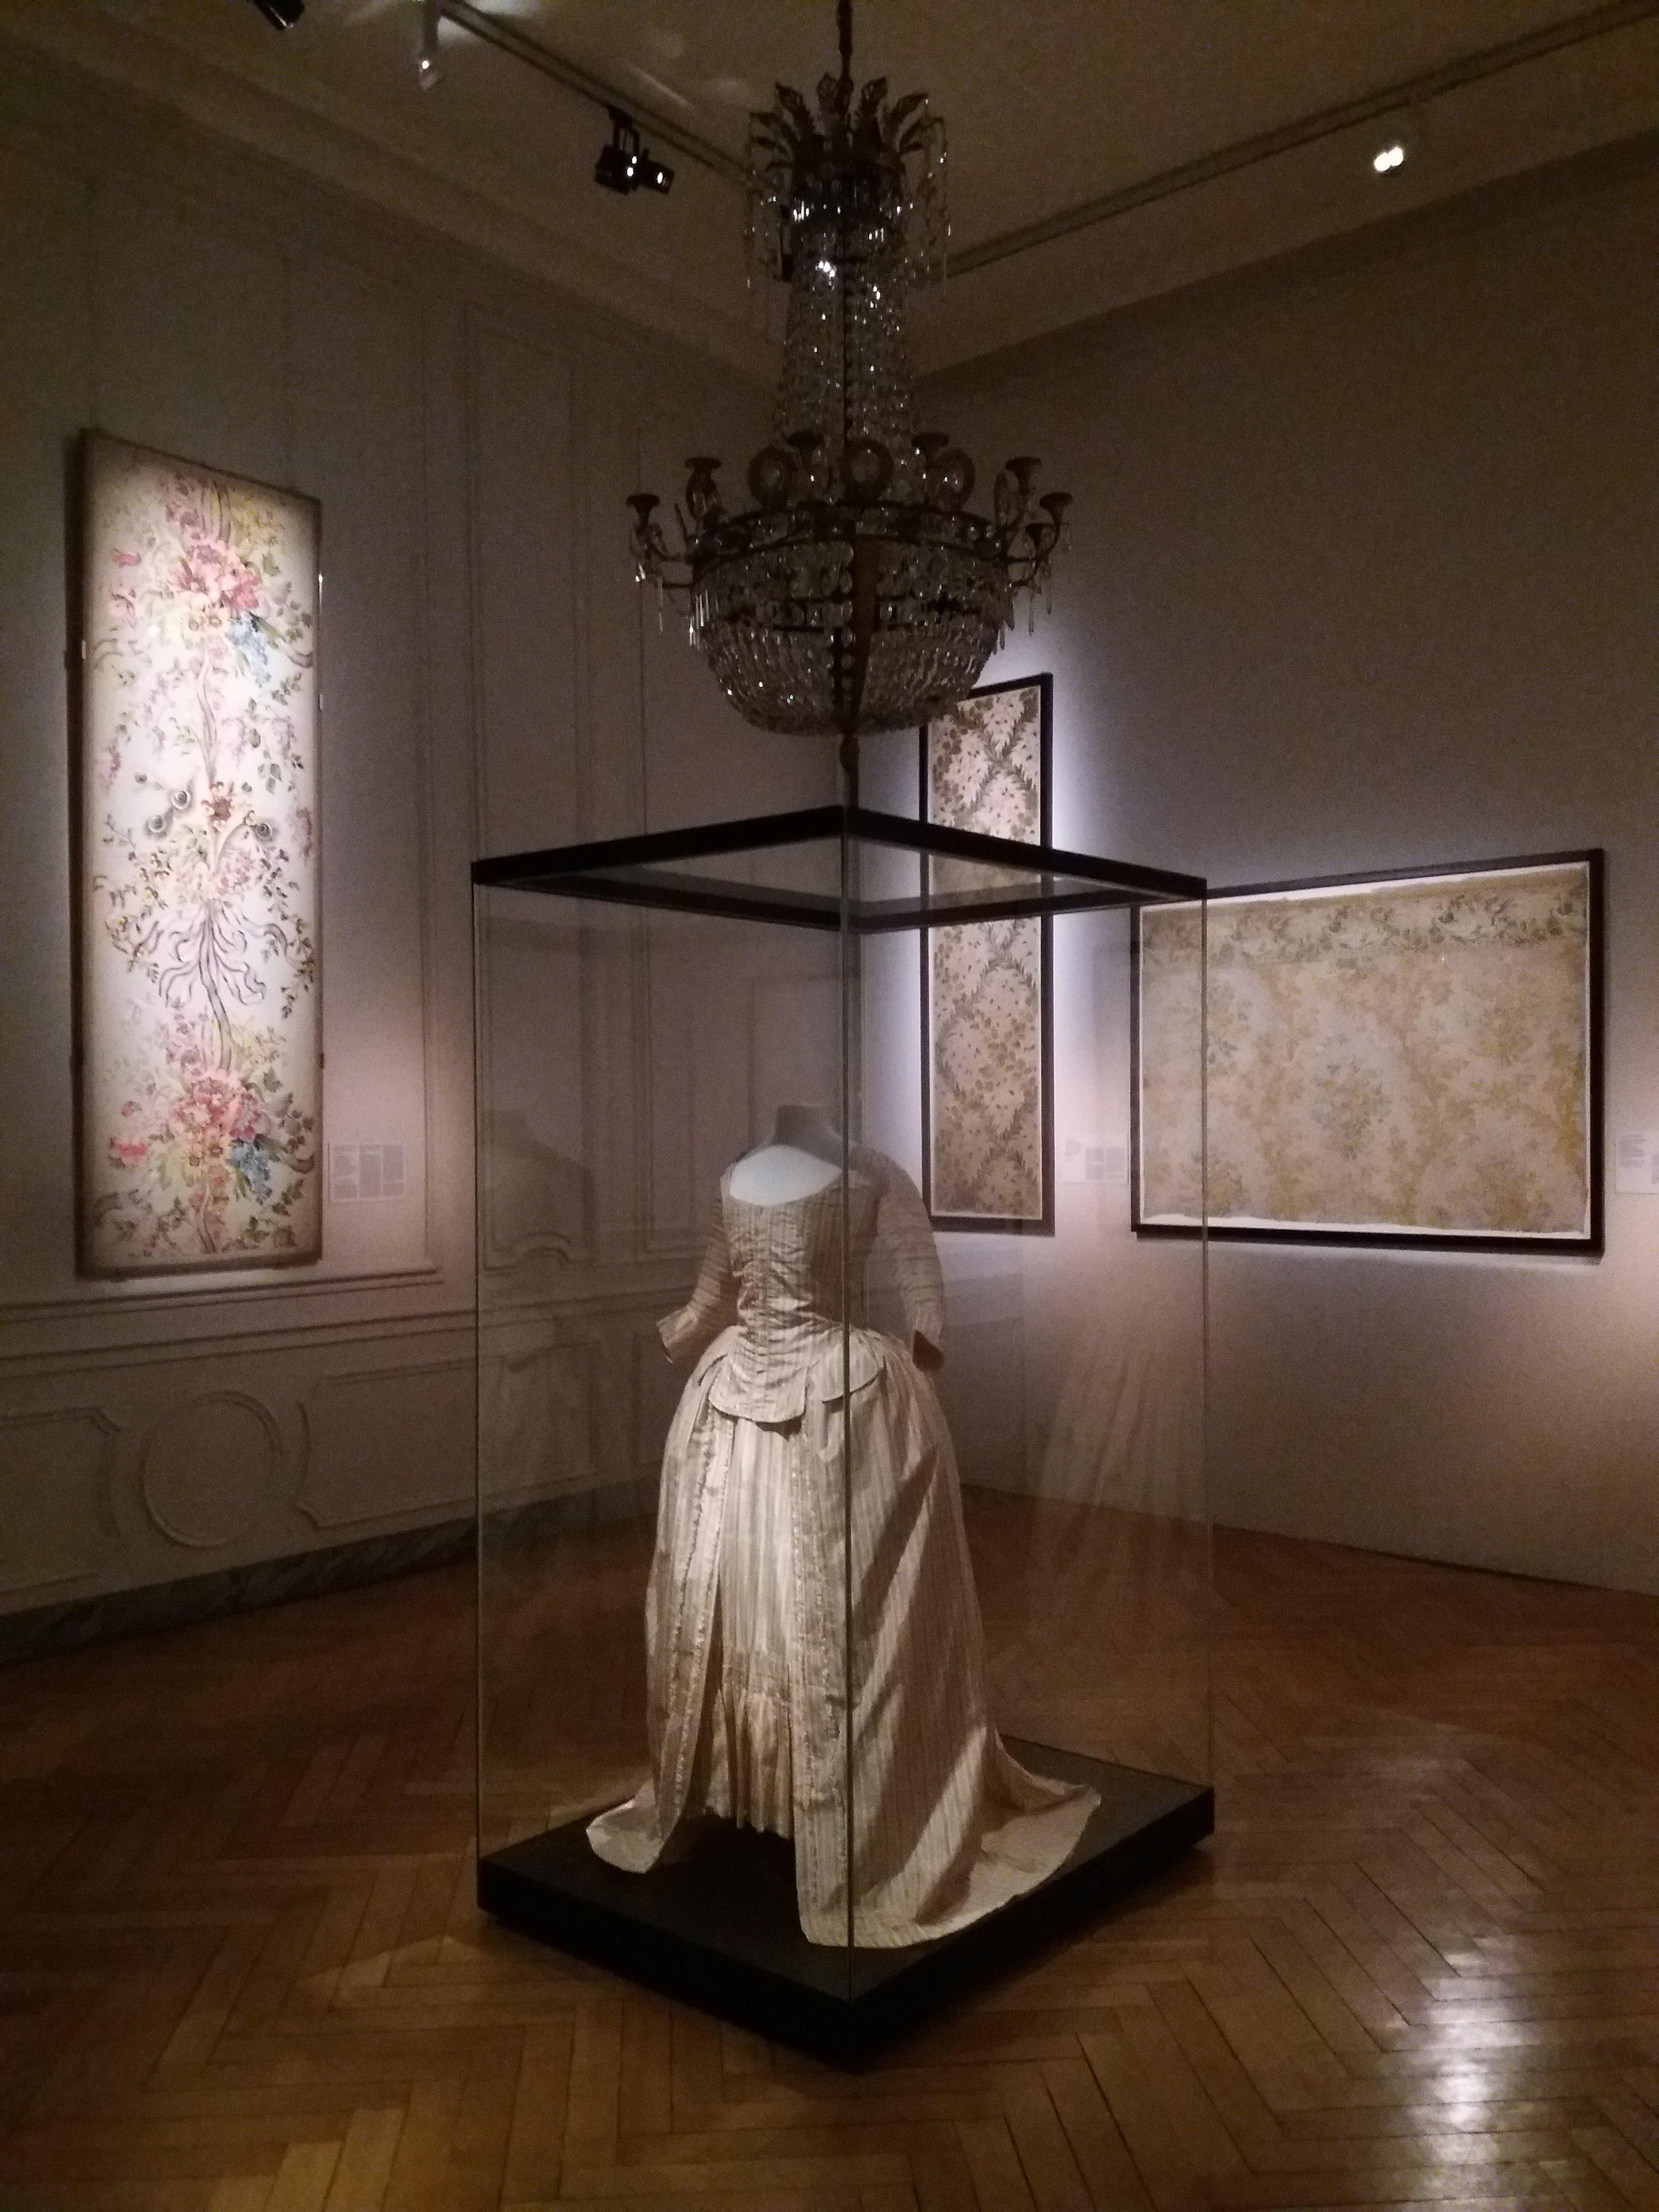 Musée Des Arts Décoratifs Lyon : musée, décoratifs, File:Lyon, Musée, Tissus, Décoratifs,, Salle, Centrale.jpg, Wikimedia, Commons